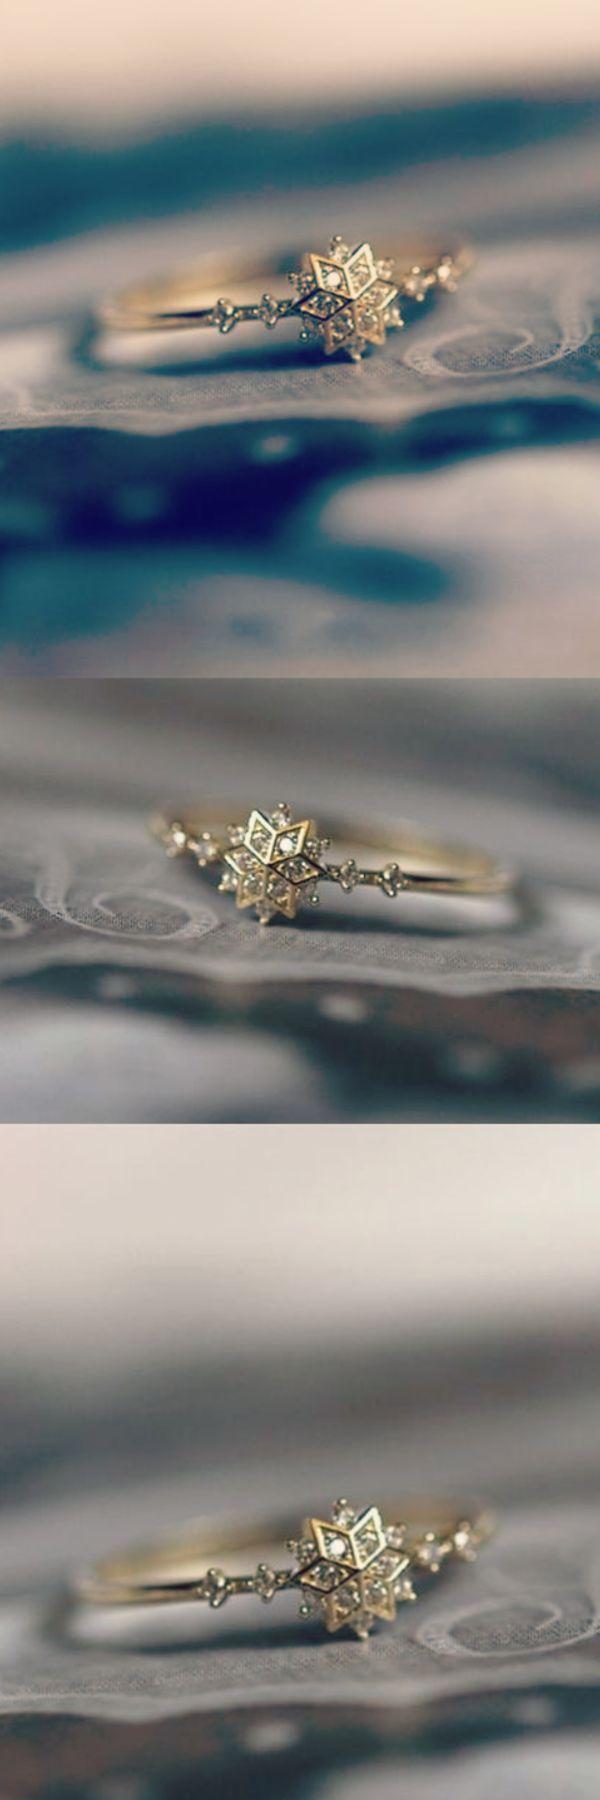 Idea and Inspiration Jewelry: Descrizione dell'immagine